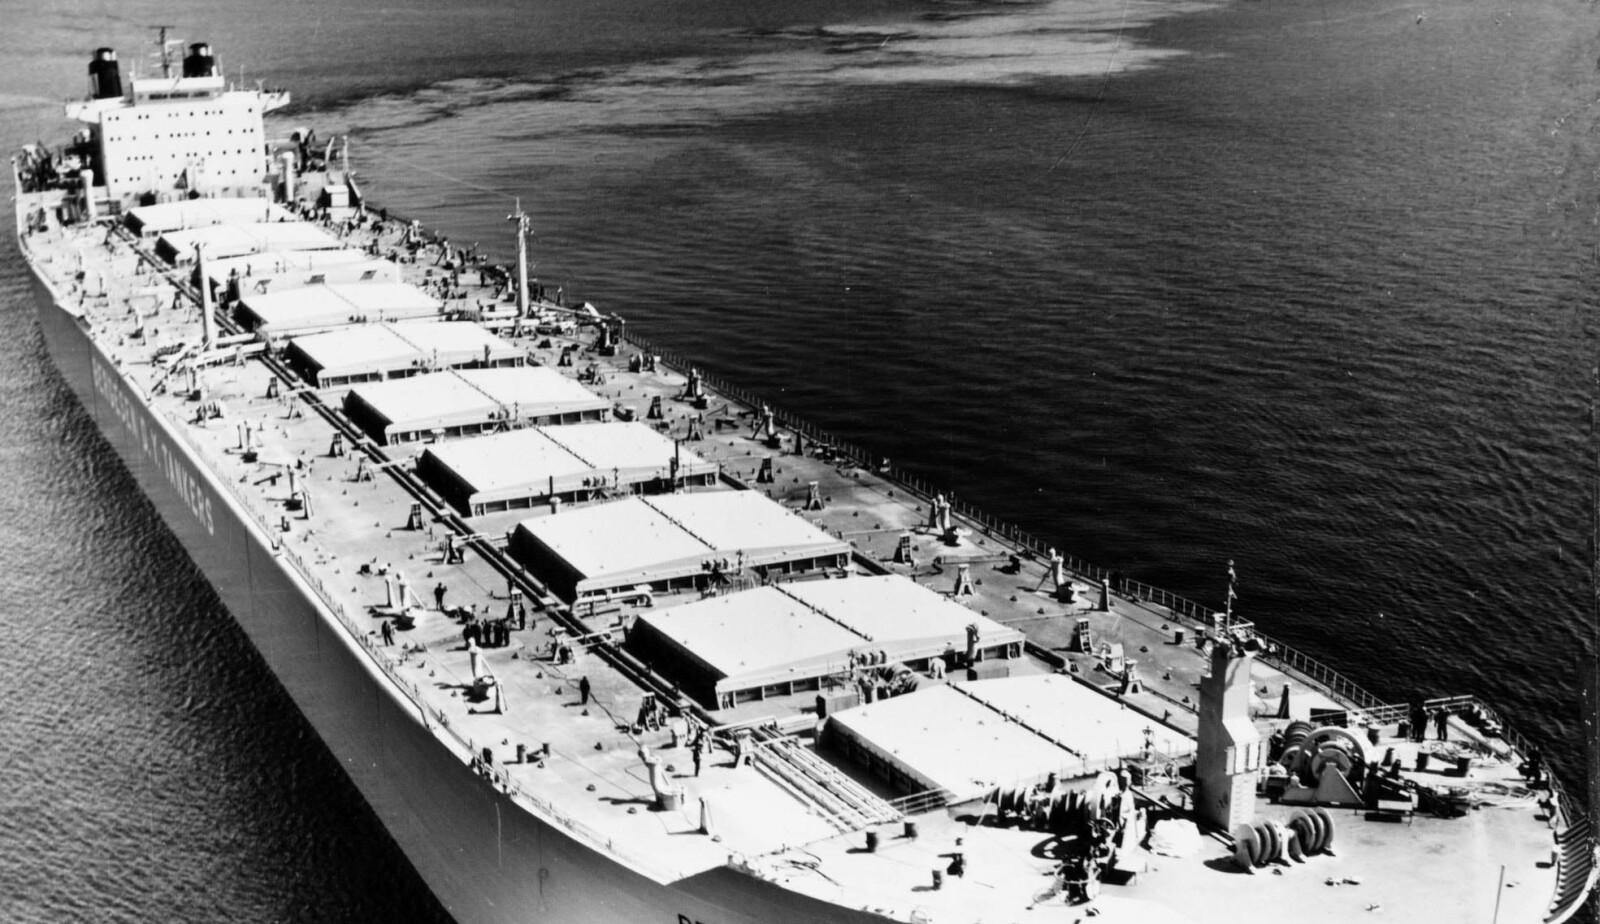 <b>GIGANT:</b> Det enorme lasteskipet var på vei over Stillehavet da det plutselig ble borte. Hvorfor katastrofen inntraff, forble lenge en hemmelighet.